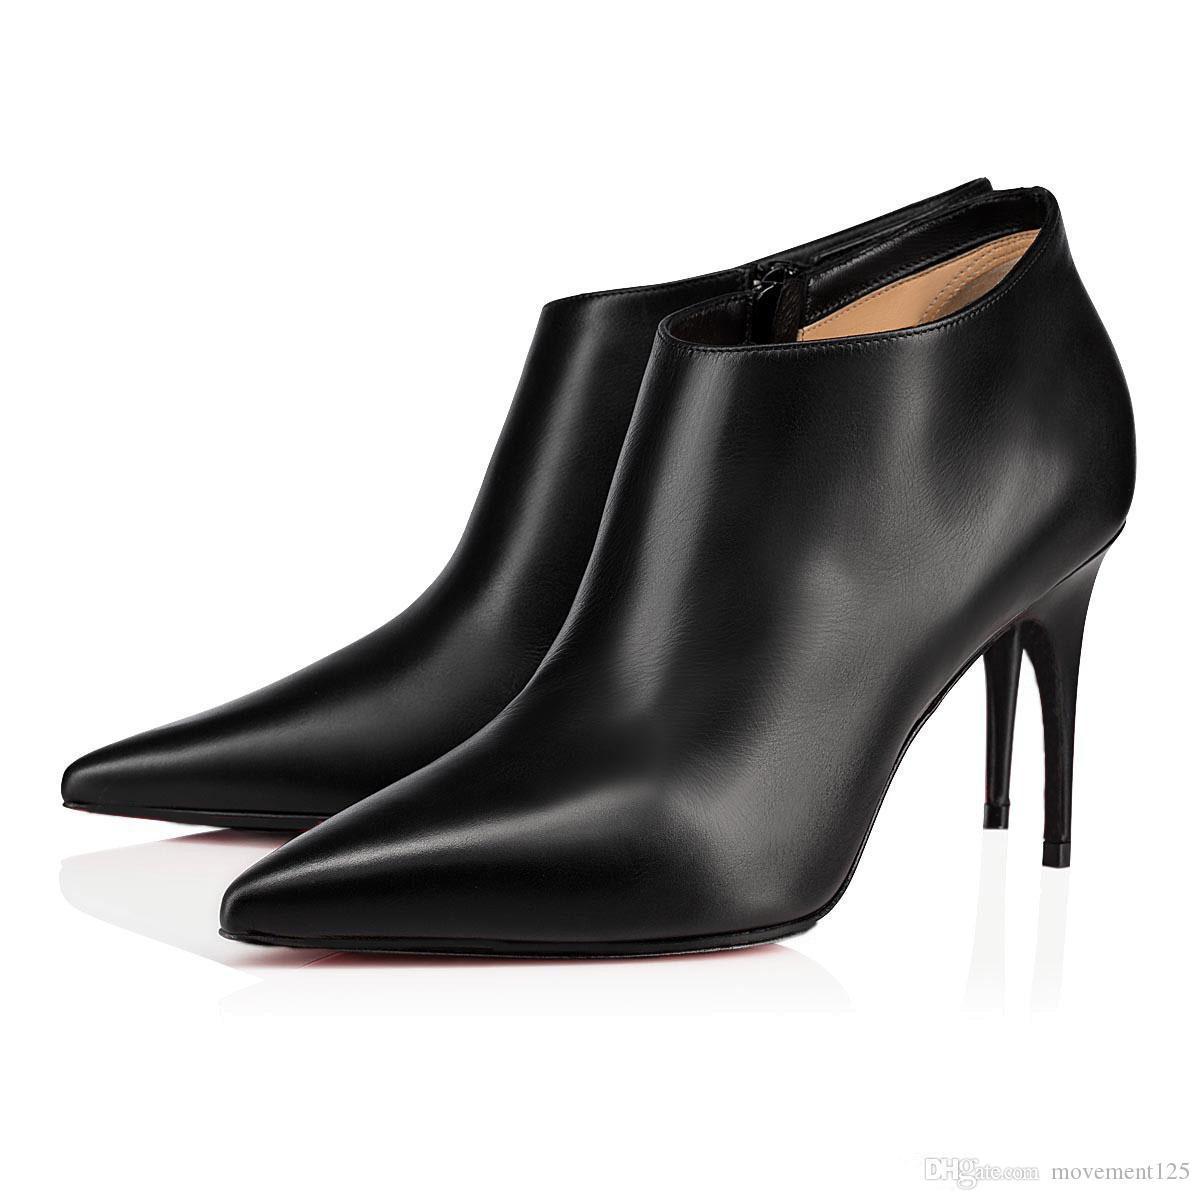 Moda Stiletto Düşük Kesim botları platformu Yüksek Topuklar Gorgona Kırmızı Alt kadınlar siyah çizme marka seksi sivri burun bayan kışlık botlar parti elbise